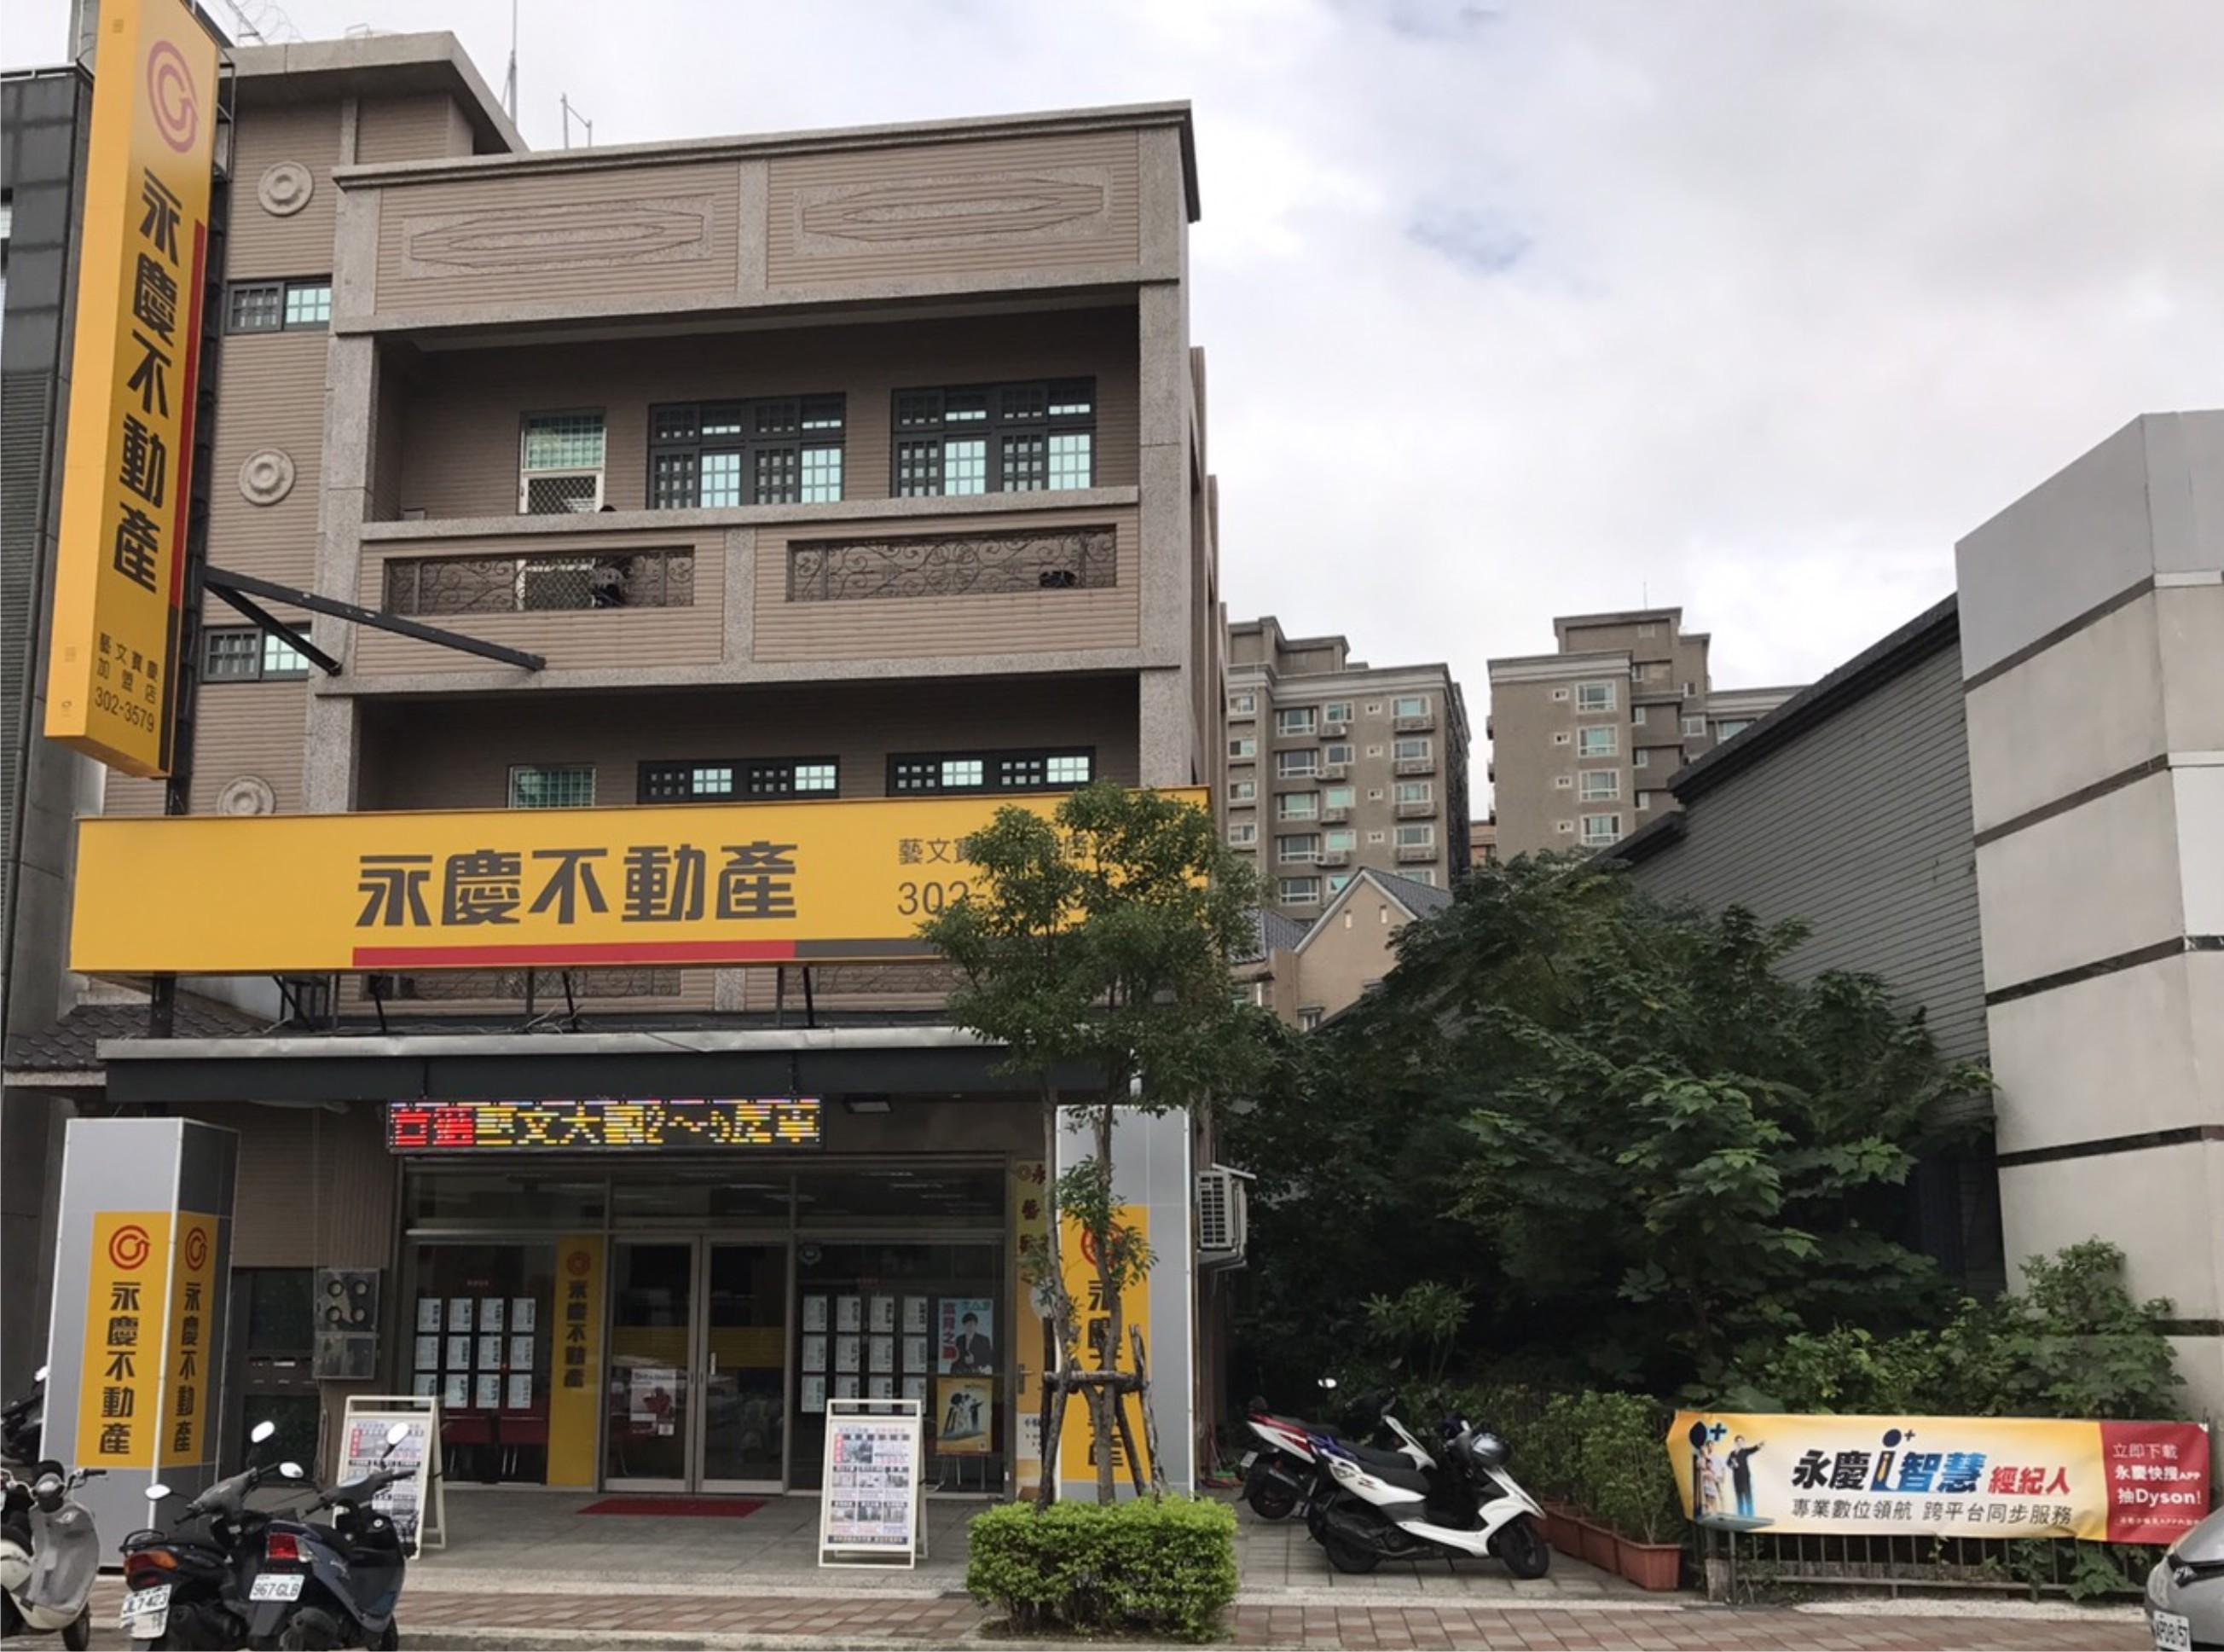 桃園藝文寶慶加盟店-東佳不動產仲介經紀有限公司